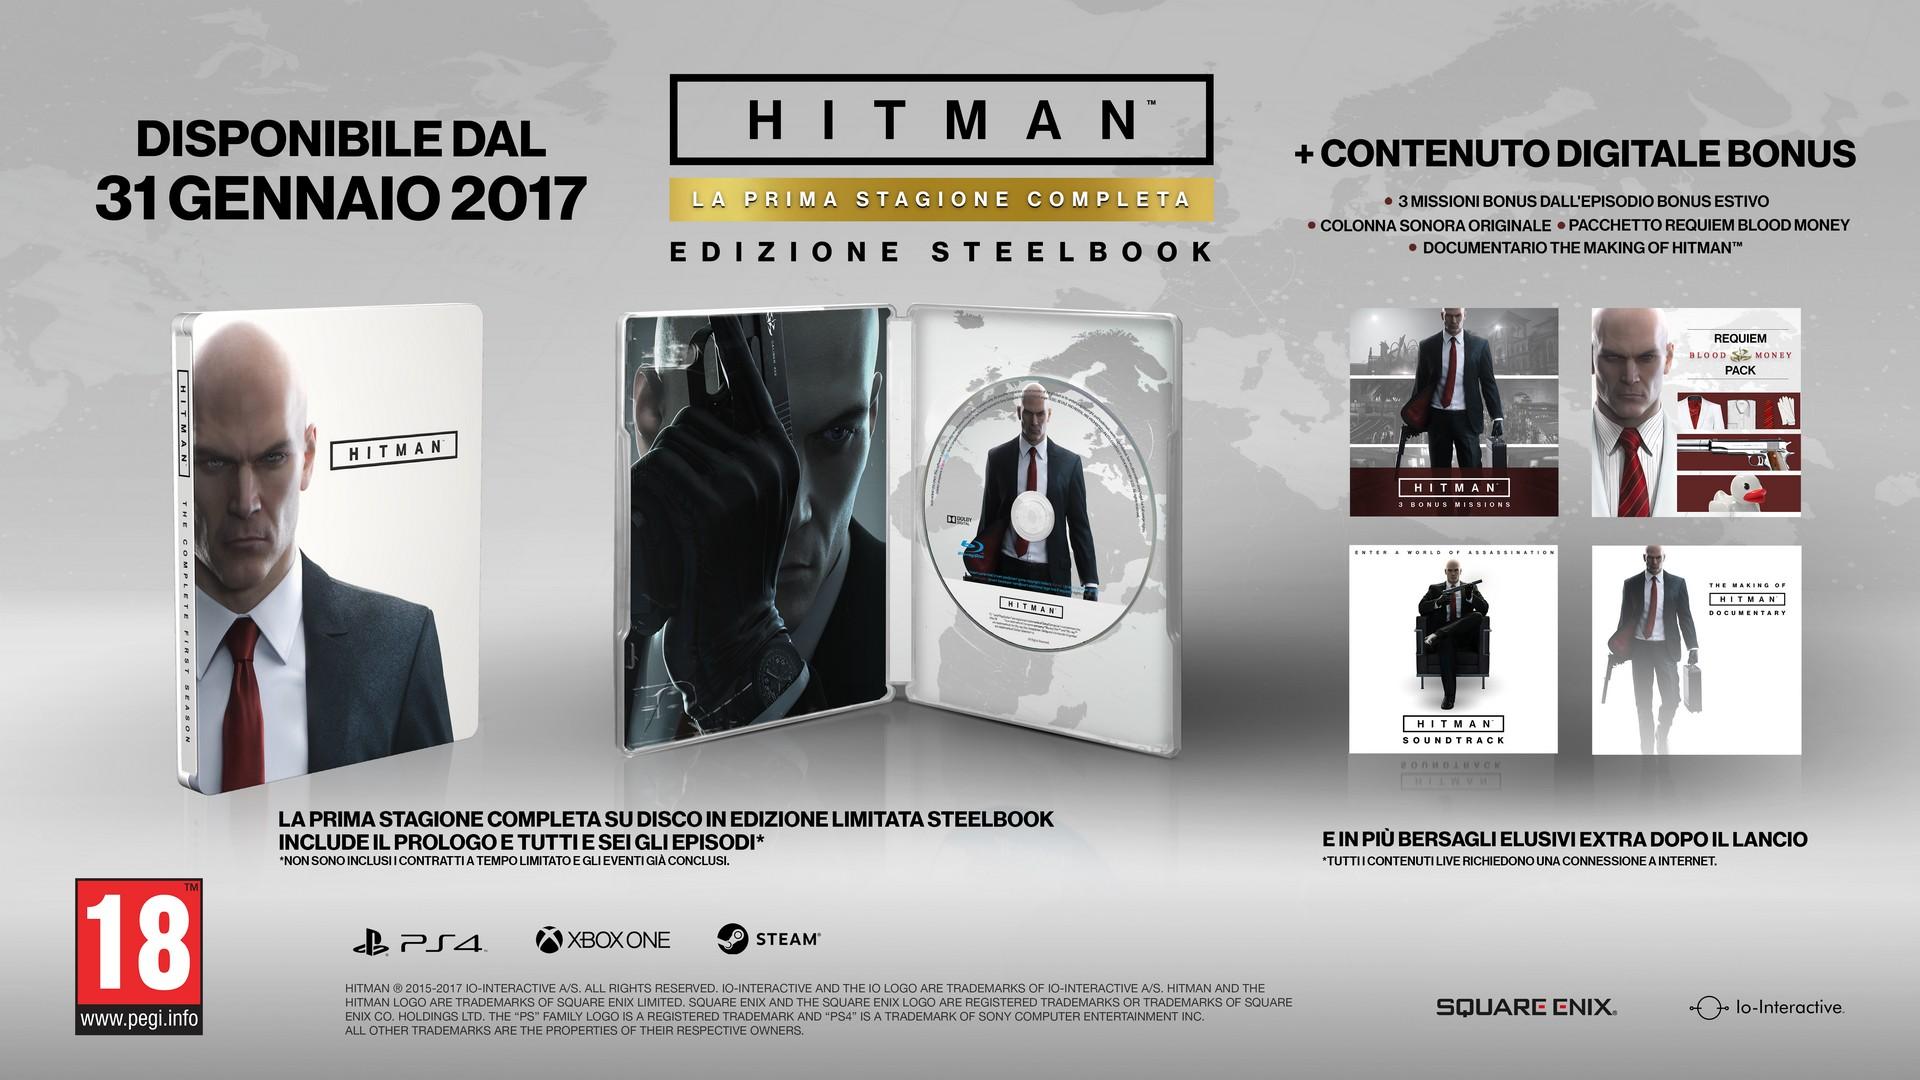 hitman-la-prima-stagione-completa-gamesoul